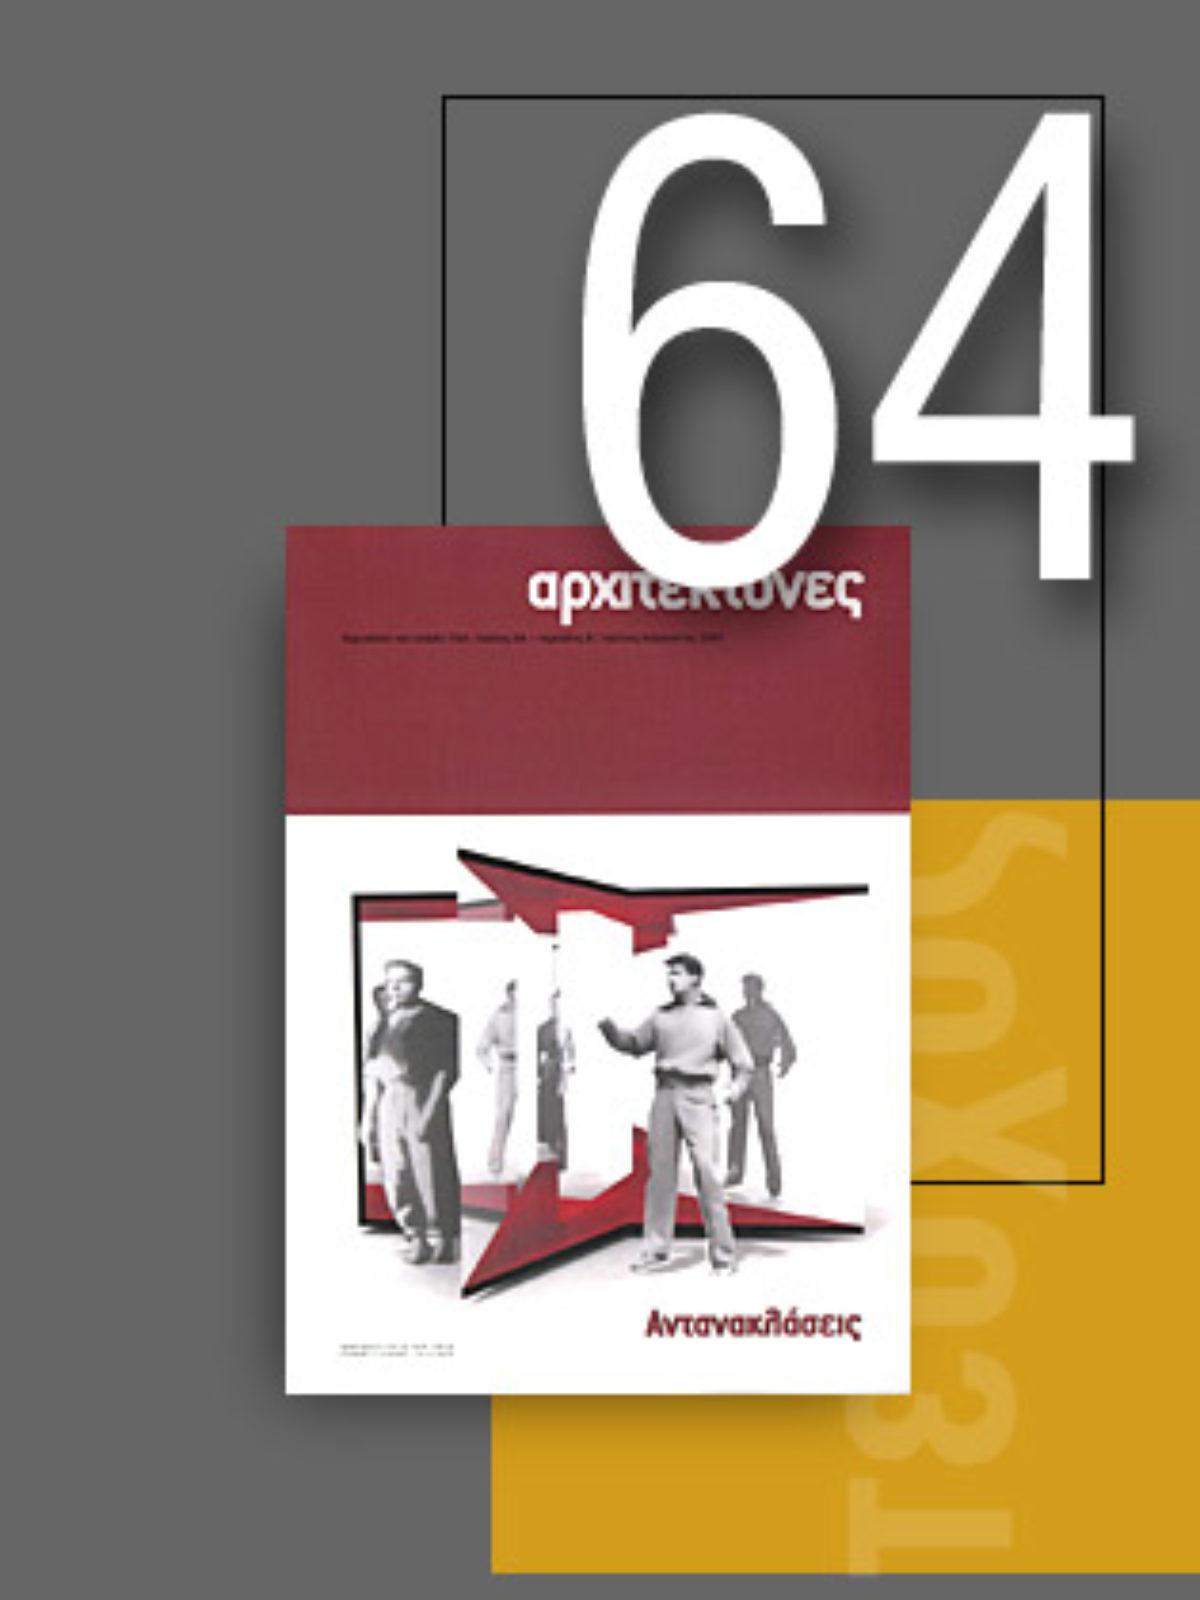 «Αρχιτέκτονες» Τεύχος 64, Περίοδος Β', Ιούλιος/Αύγουστος 2007 | Αντανακλάσεις